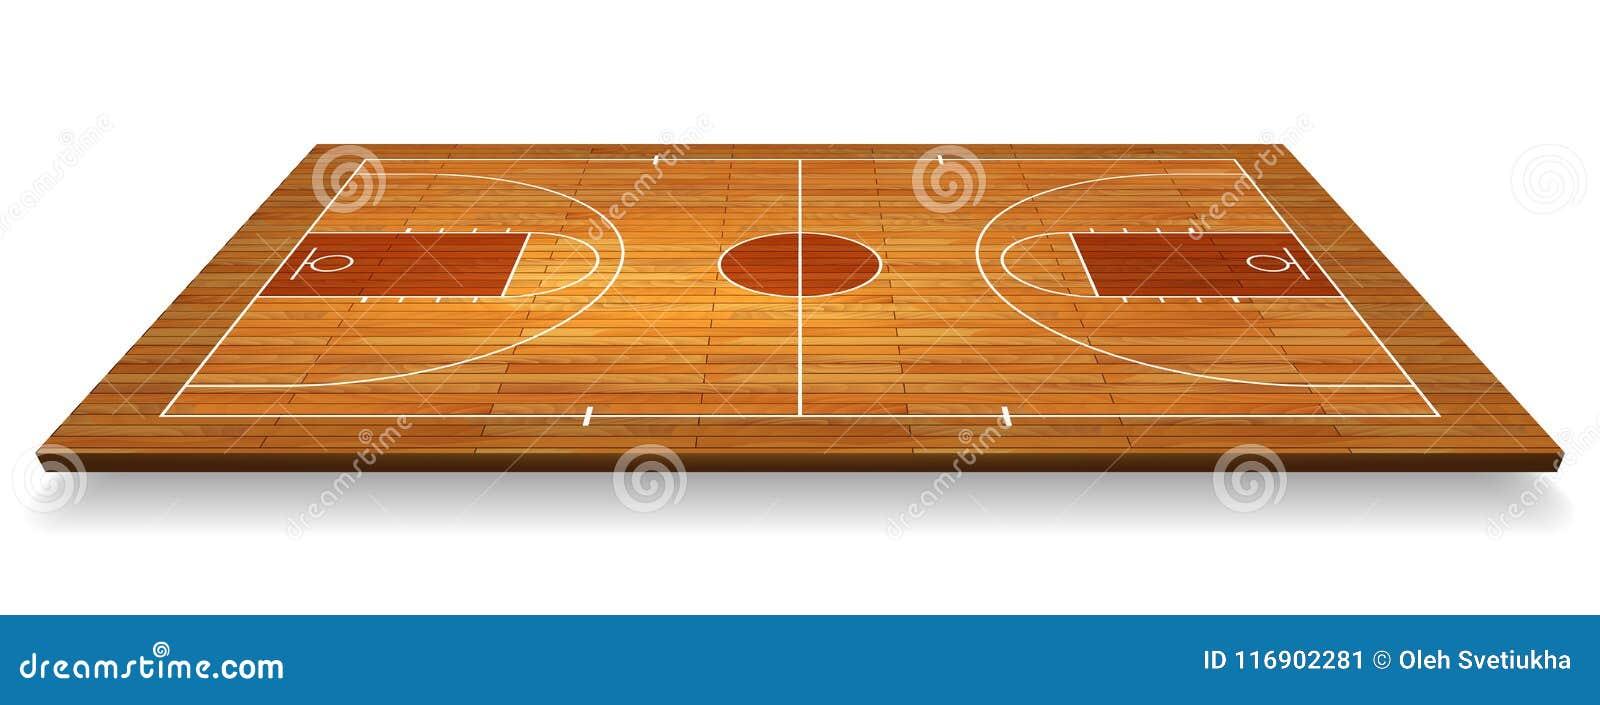 Pavimento del campo da pallacanestro di prospettiva con la linea sul fondo di legno di struttura Illustrazione di vettore